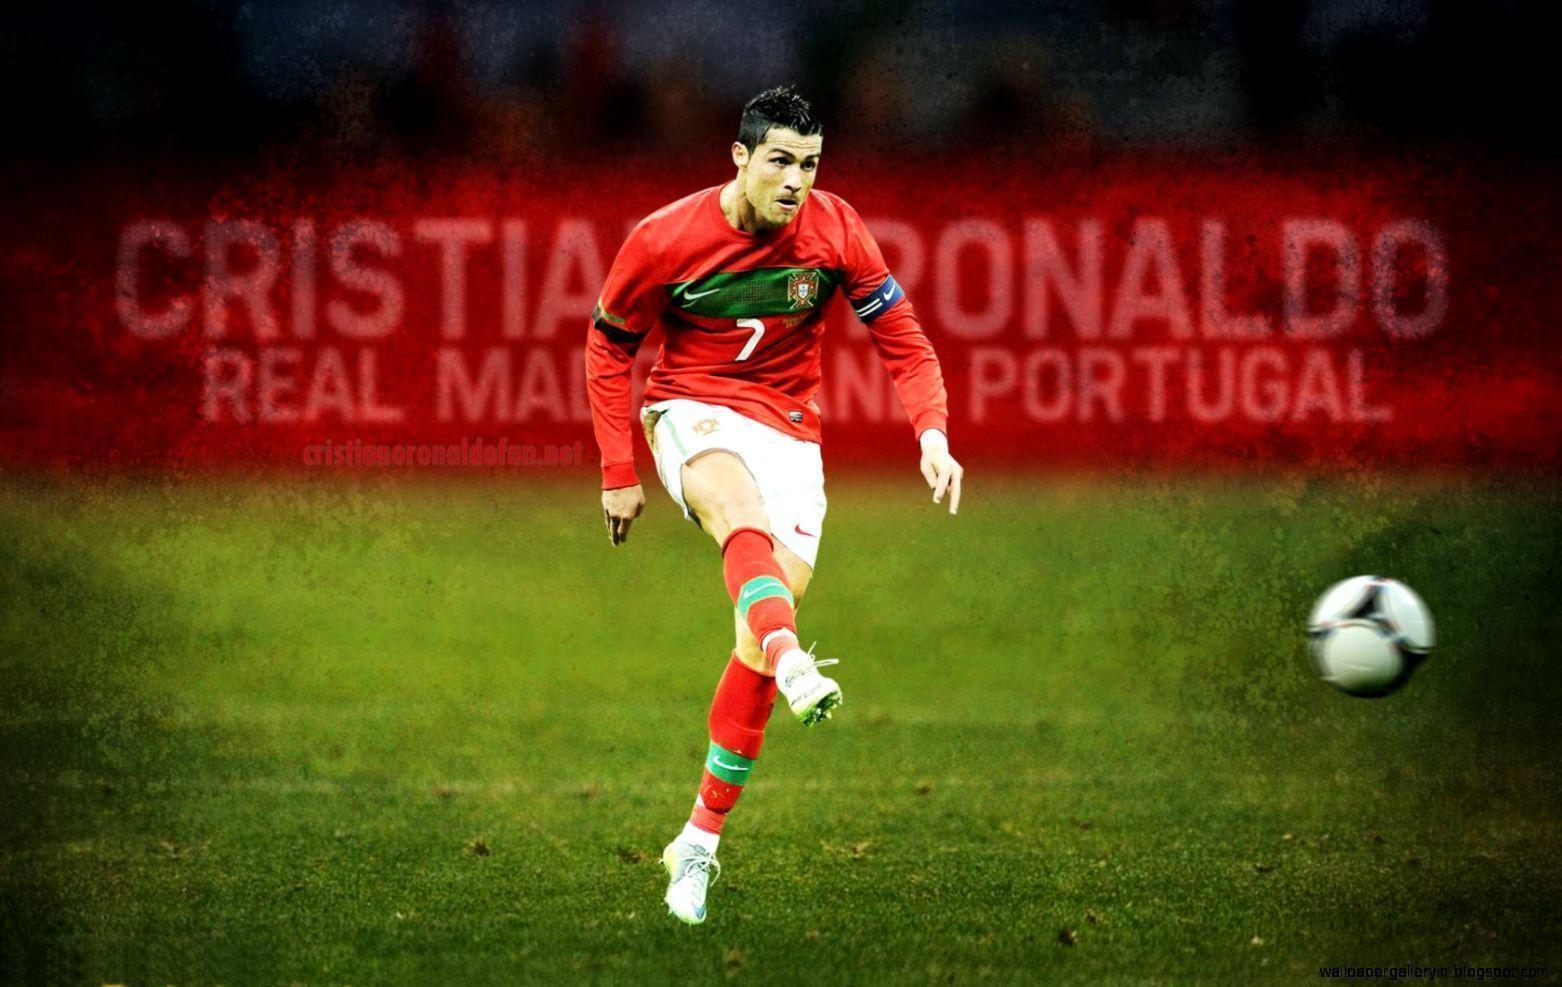 Cristiano Ronaldo Hd Wallpaper Portugal | Wallpaper Gallery